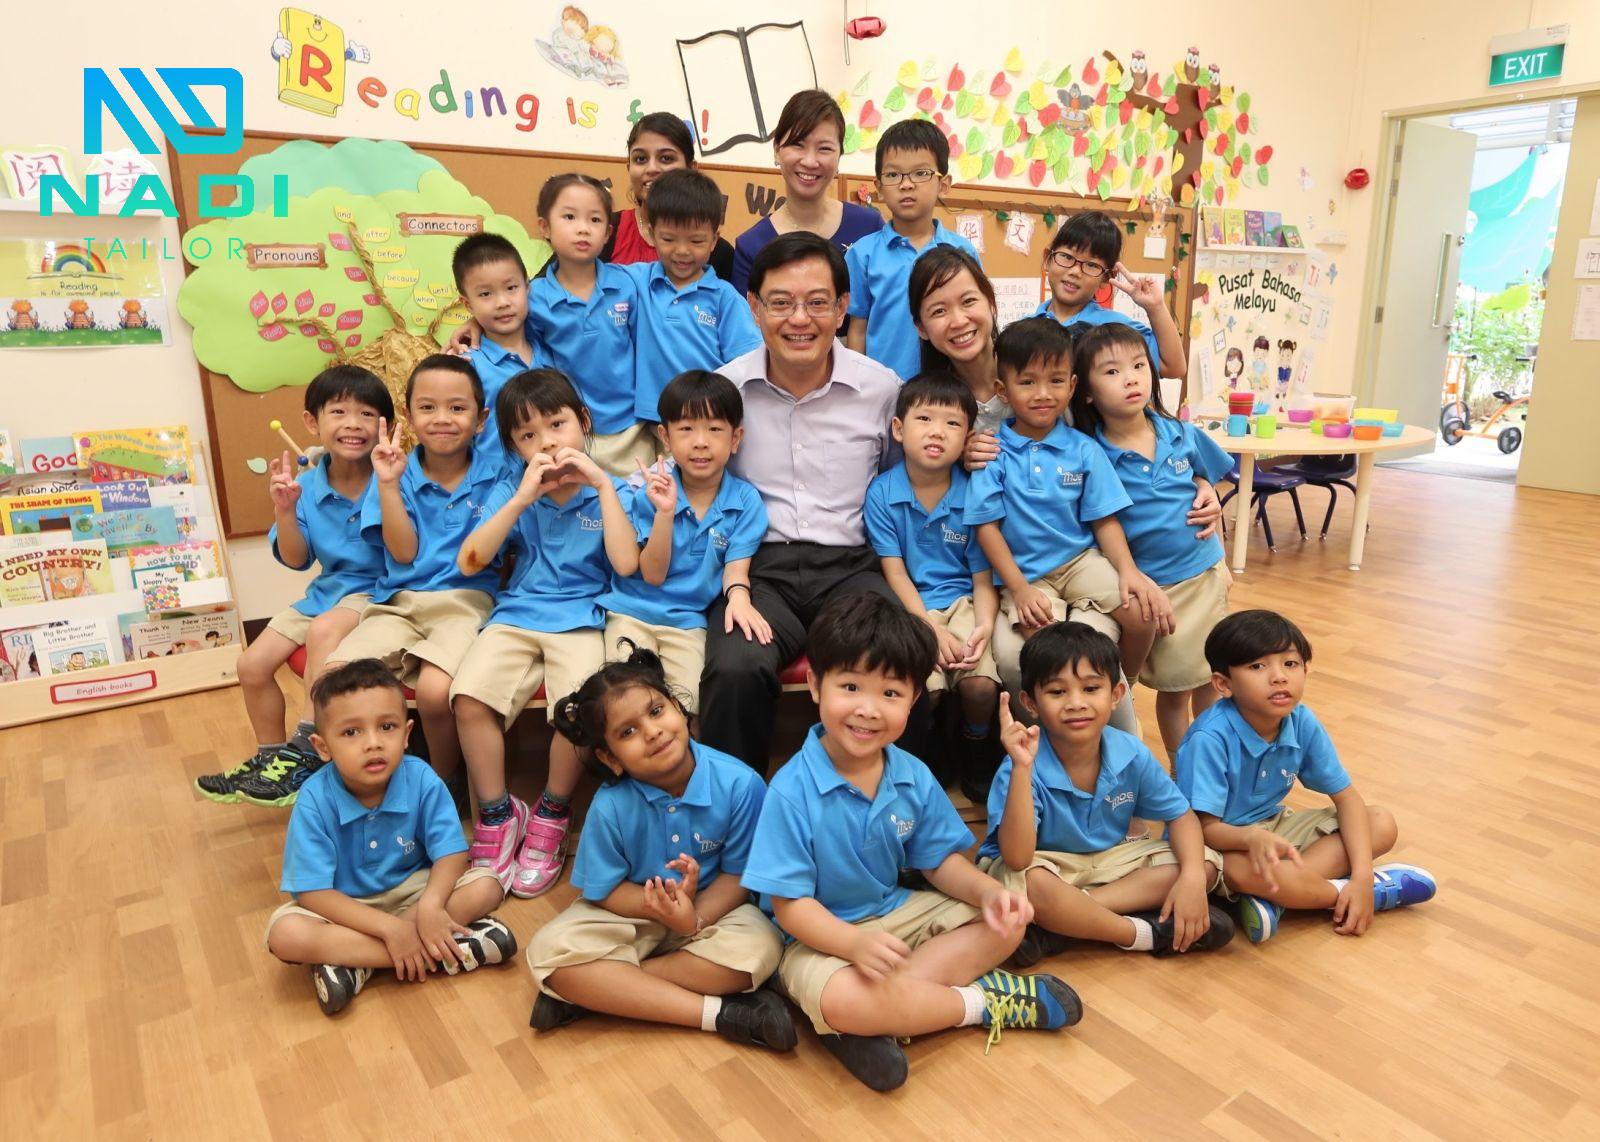 Không có sự khác biệt hay khoảng cách, đồng phục dần sẽ tạo nên những thói quen tốt cho các em học sinh mầm non